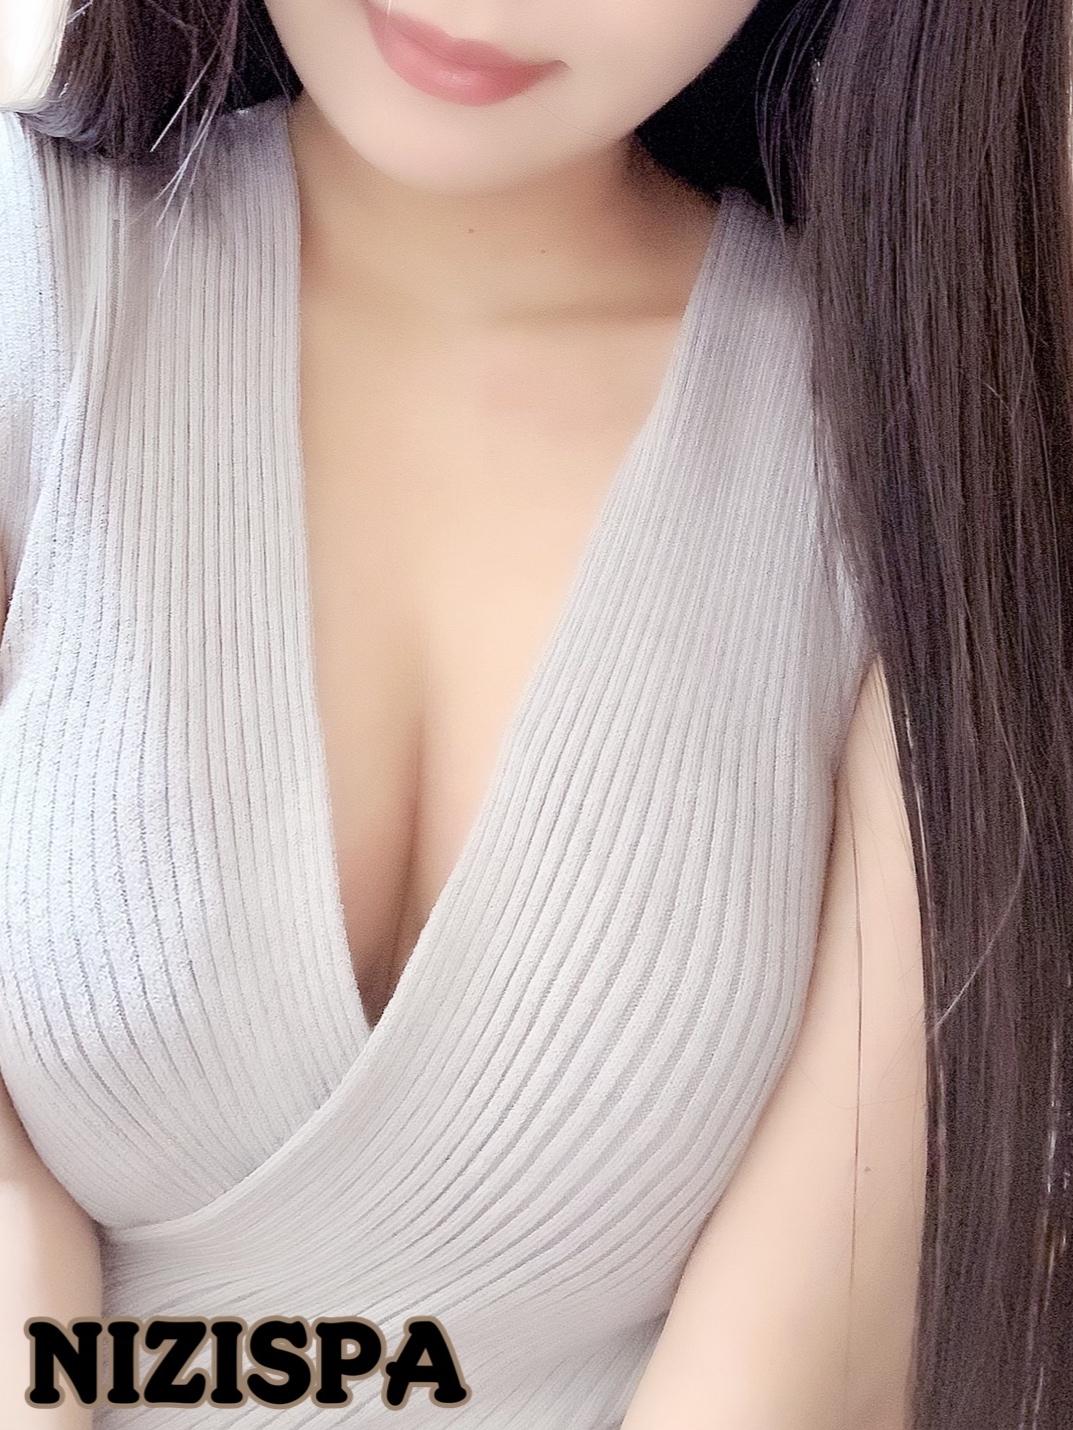 【NIZI SPA】佐久間まゆ